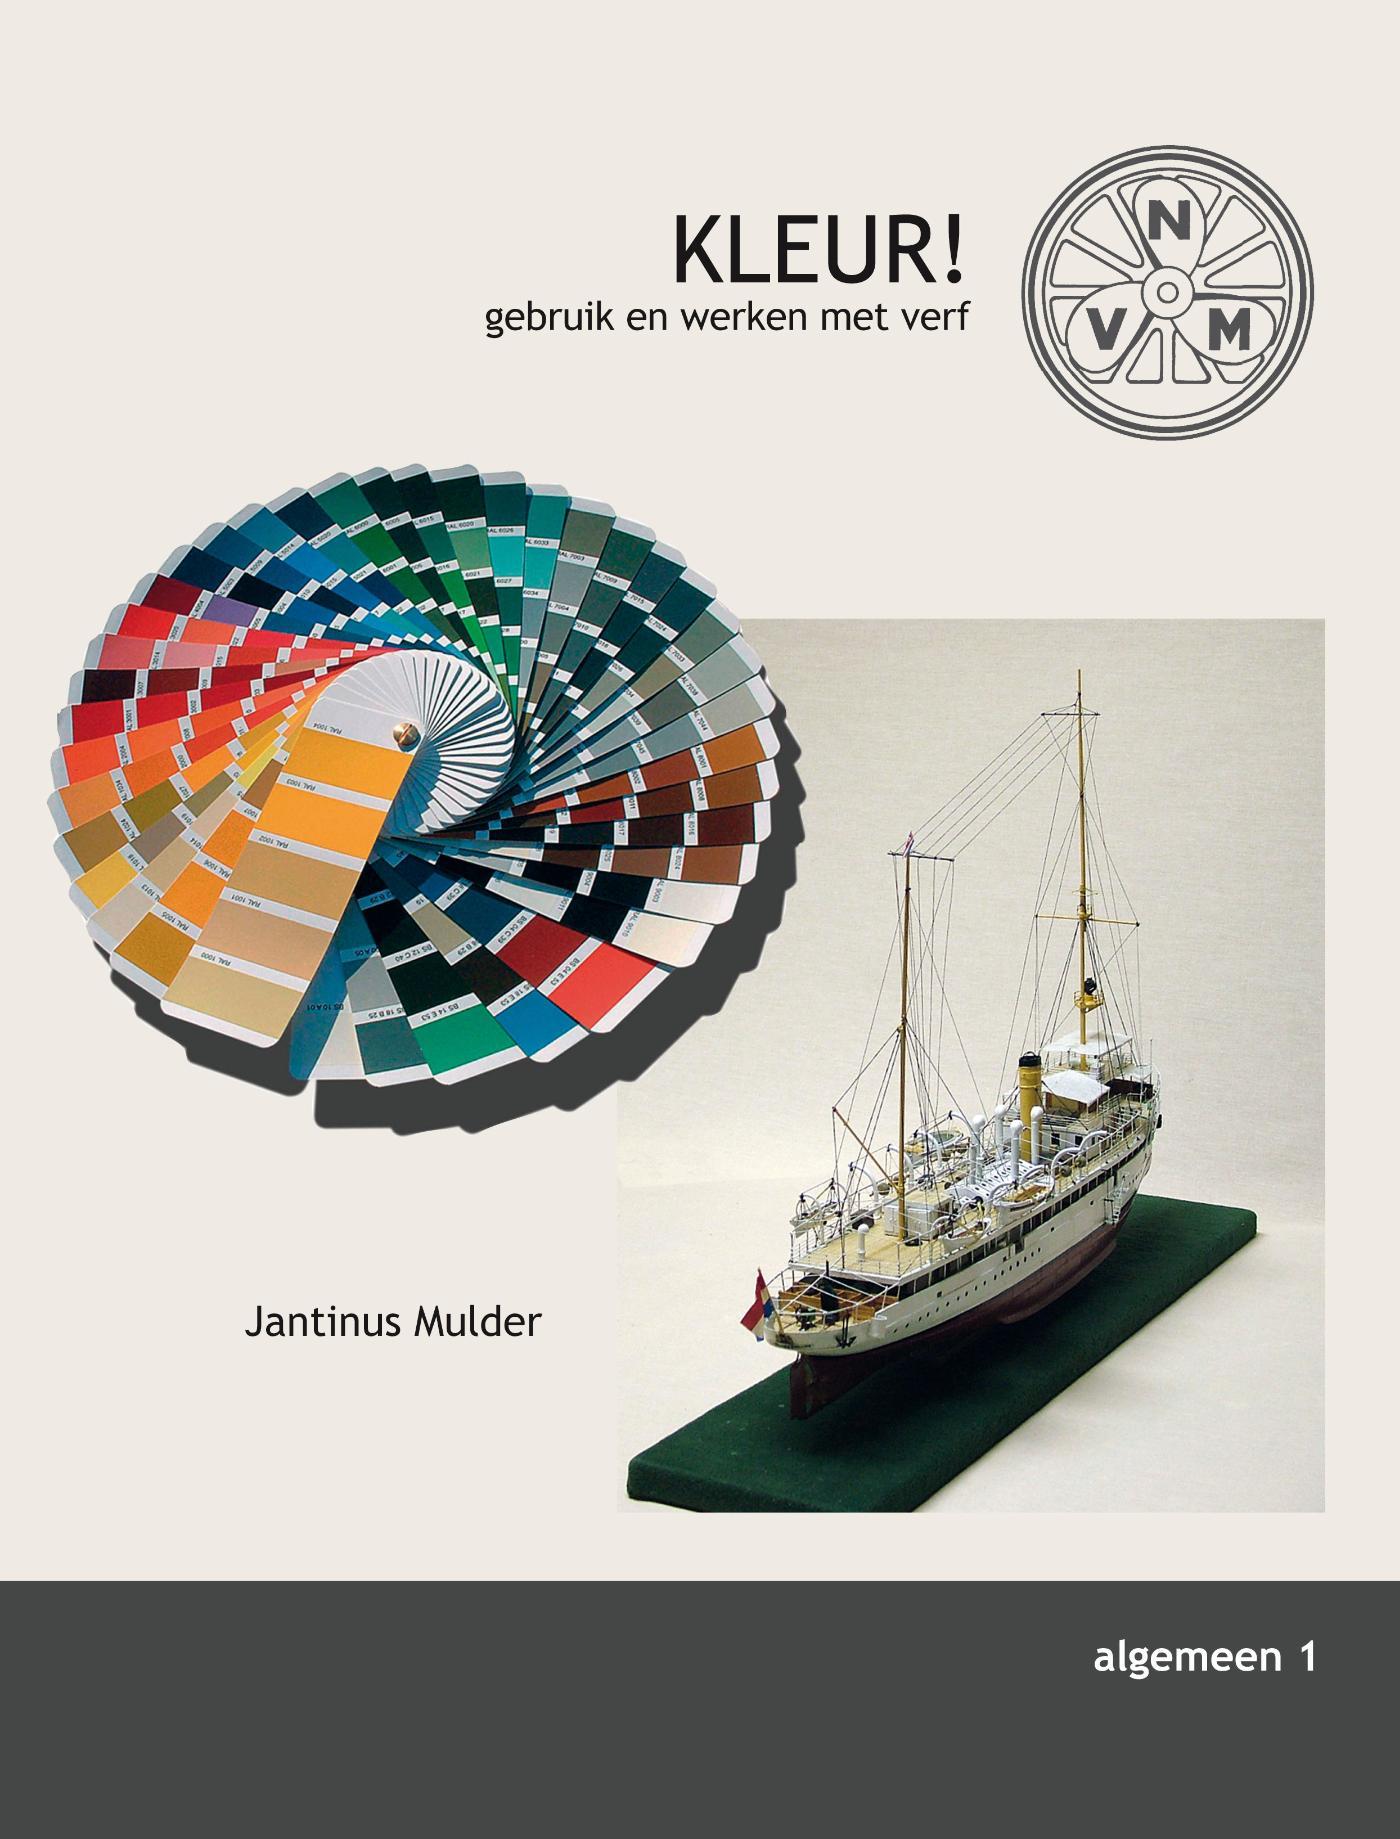 Modelbouw (Algemeen) Kleur! gebruik en werken met verf